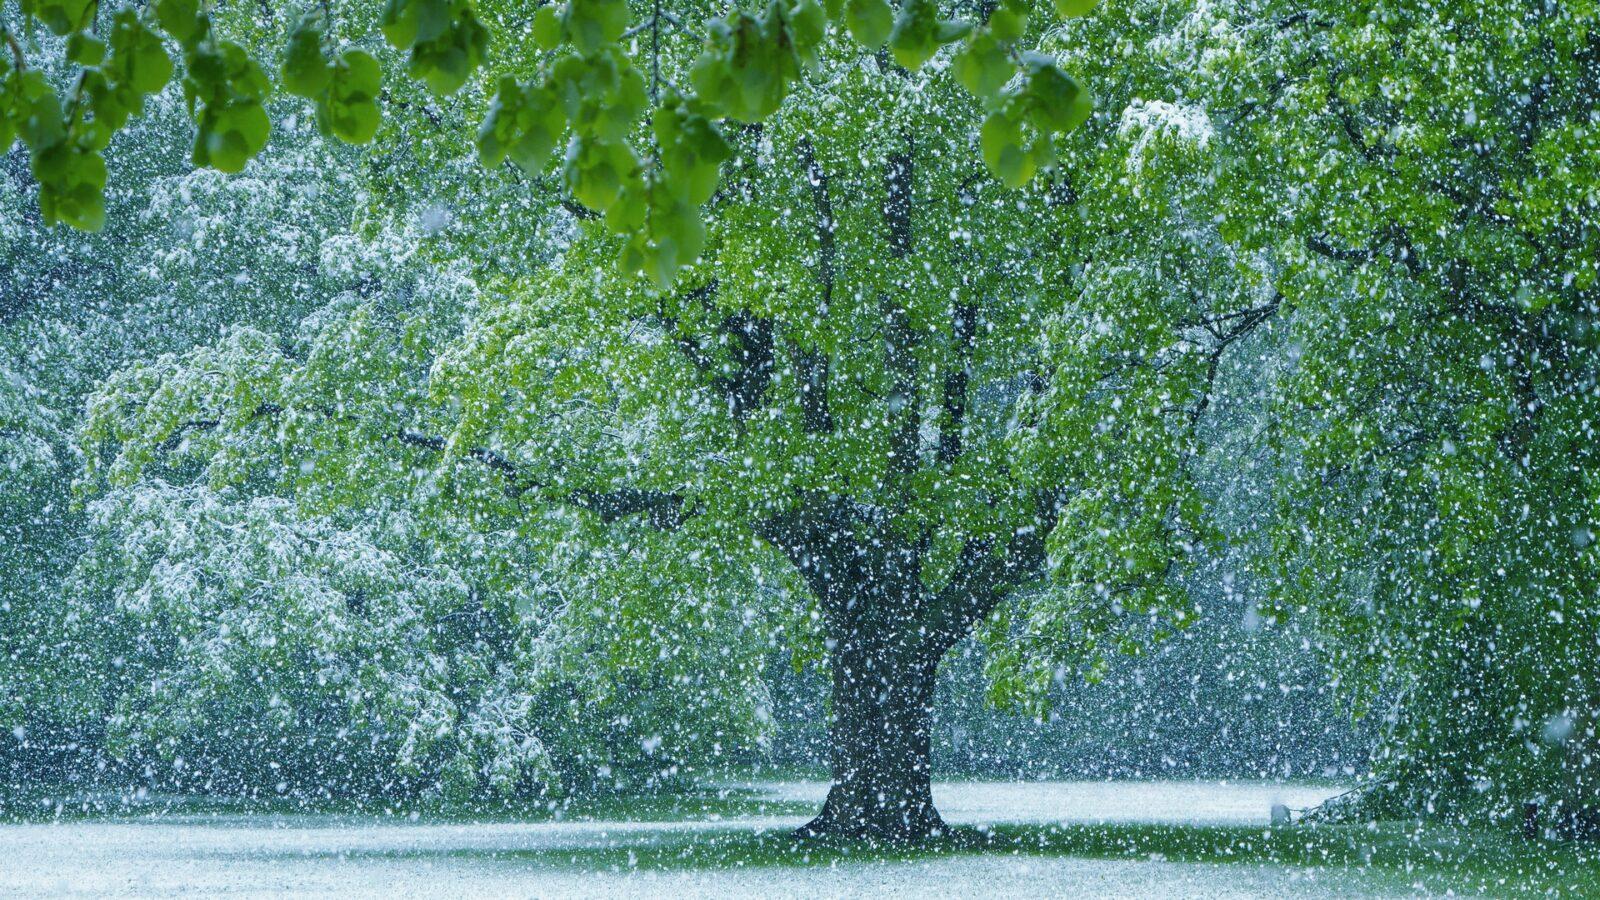 Zima wmaju - śnieżyca